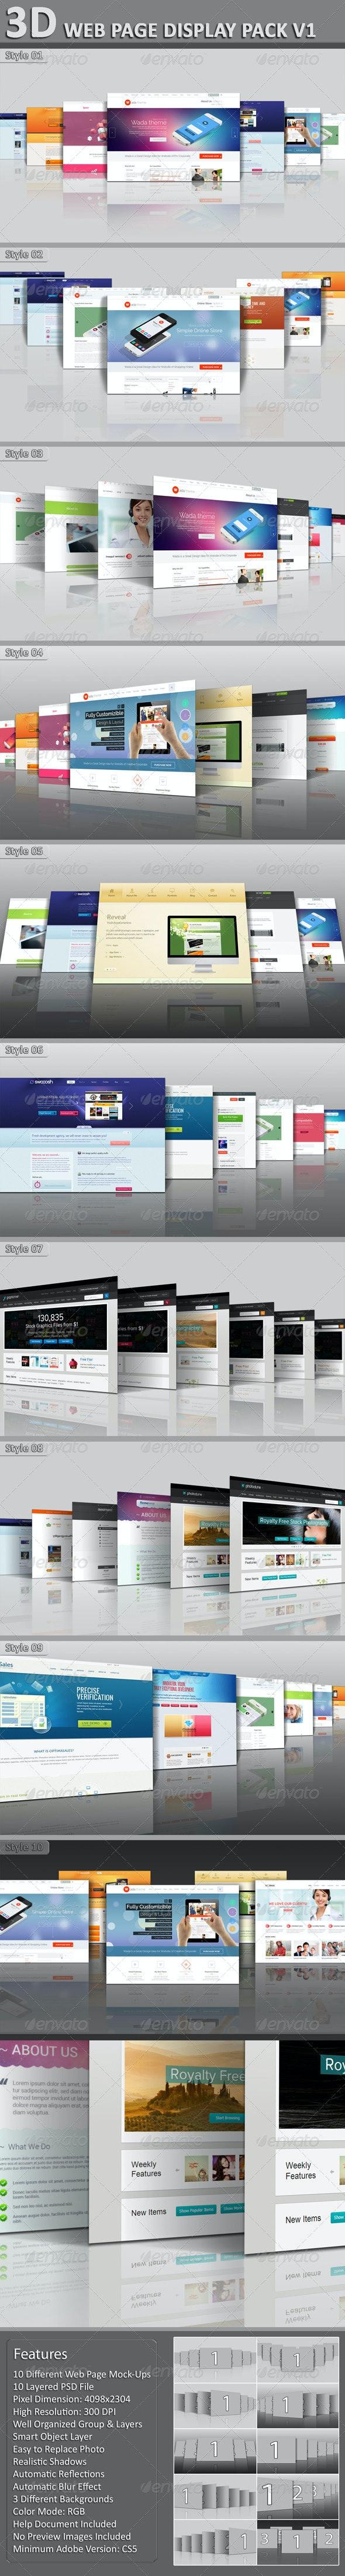 3D Web Page Display Pack V1 - Website Displays